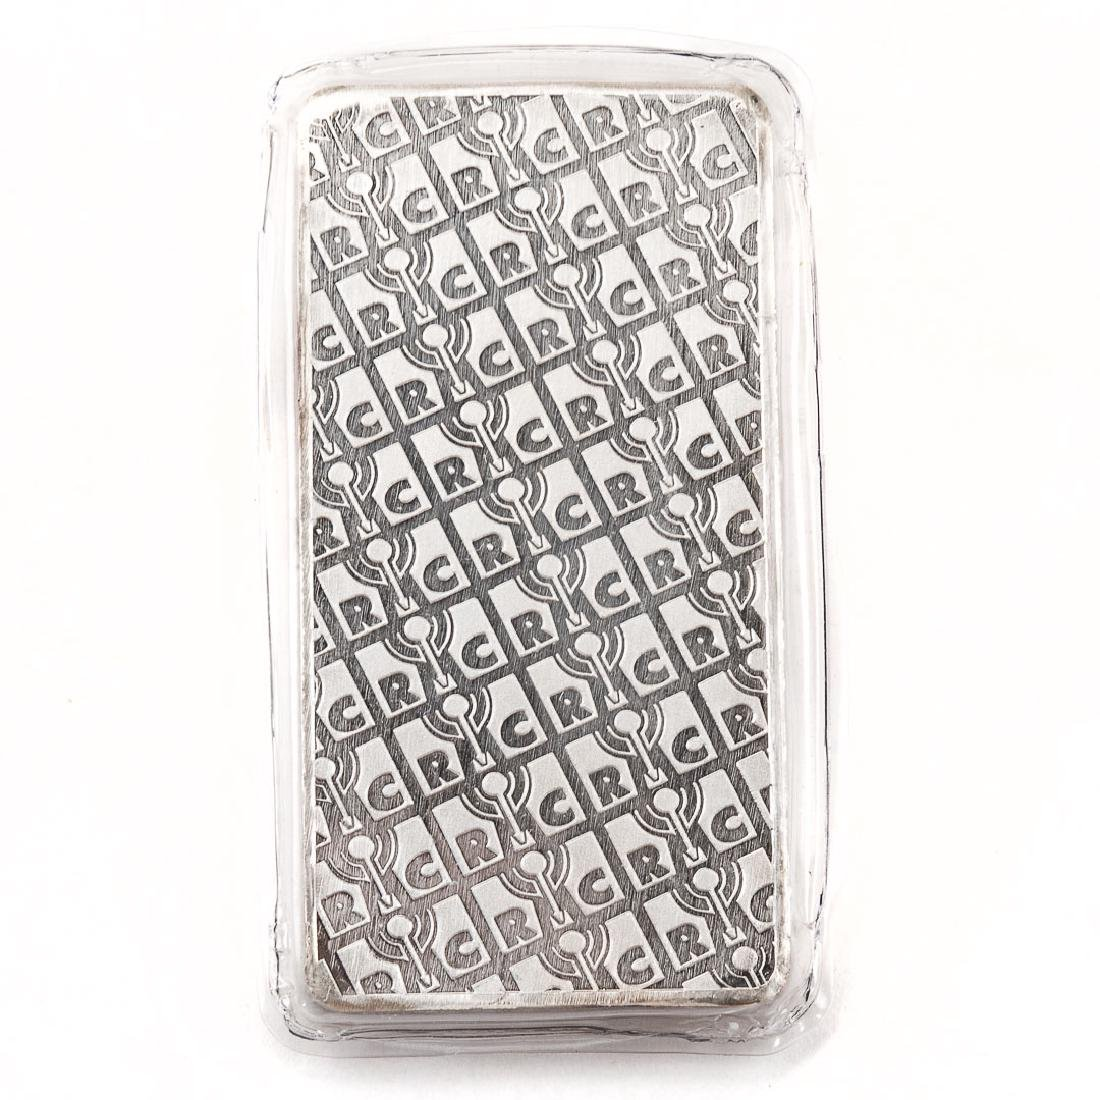 [US] 10 Ounce .999 Silver Bar - Republic Metals - 2